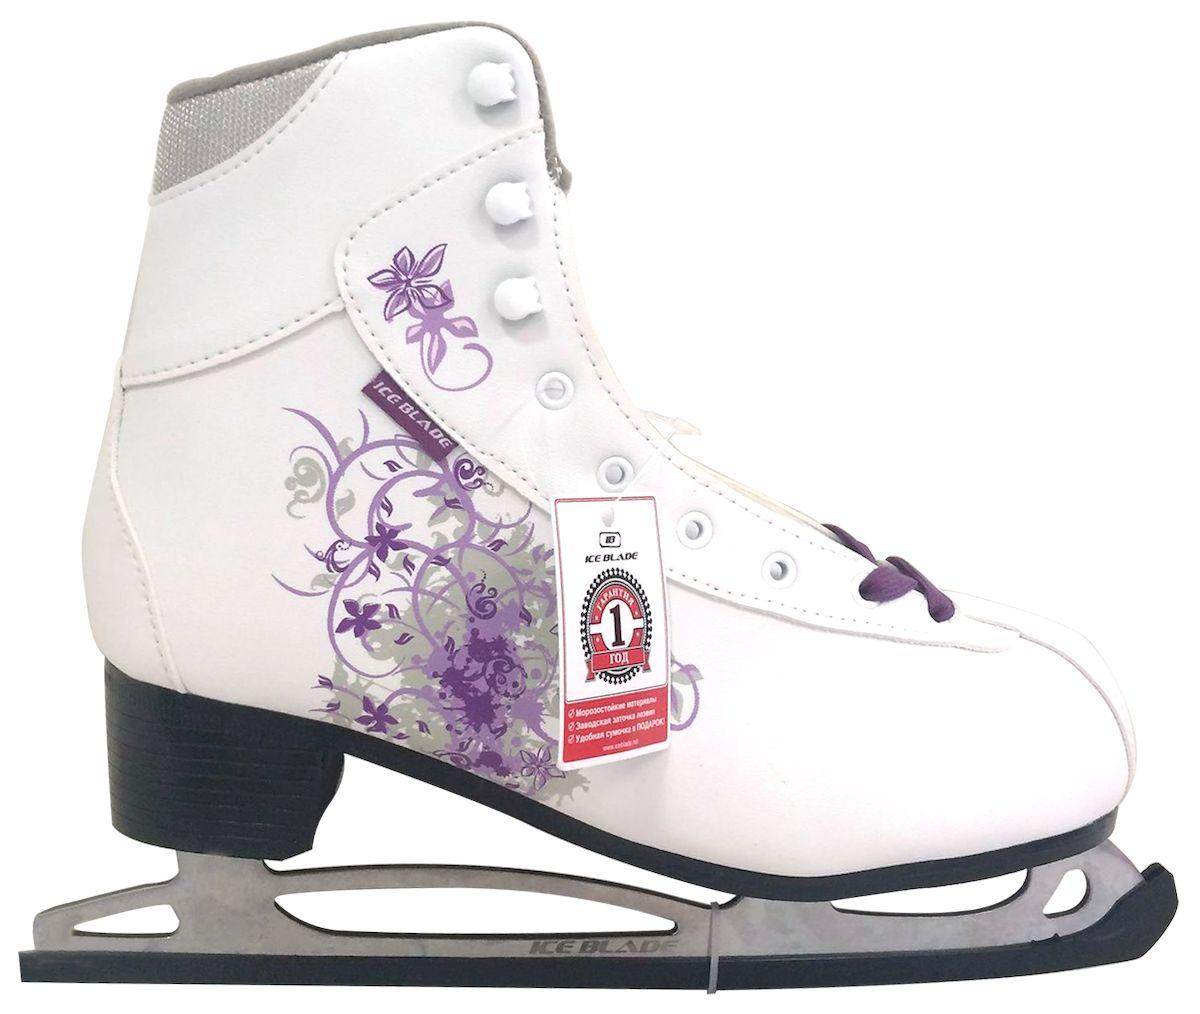 Коньки фигурные Ice Blade Sochi, цвет: белый, фиолетовый. УТ-00004988. Размер 33